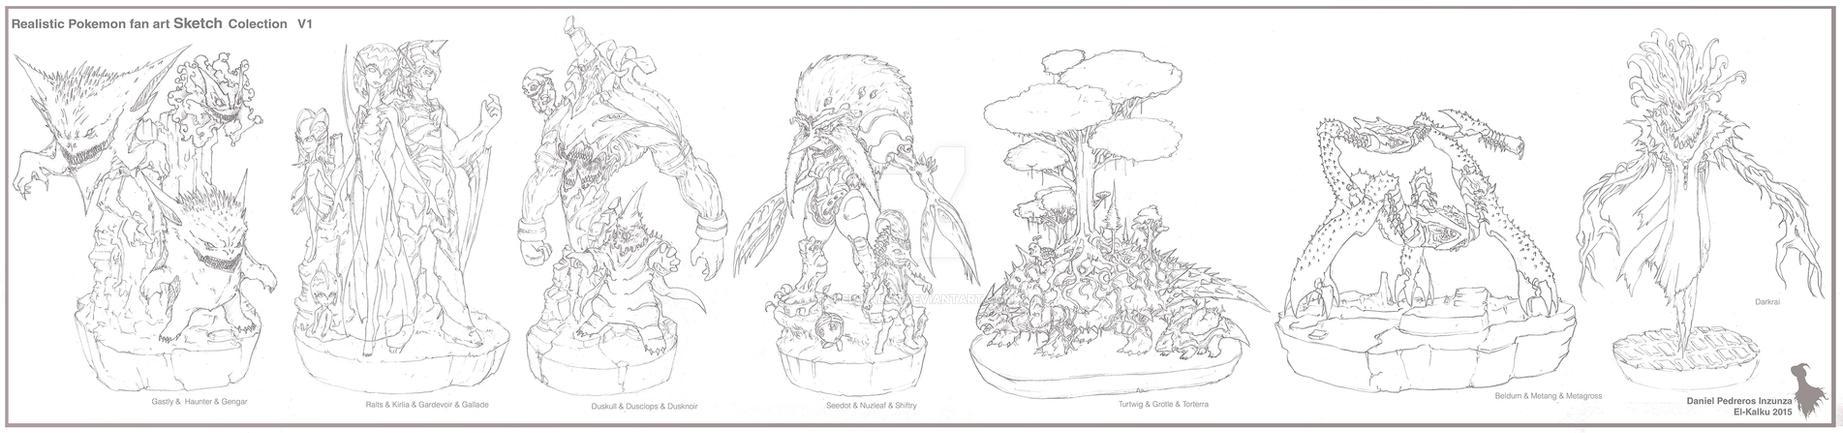 Pokemon Sketch Colection V1 By El Kalku by EL-KALKU